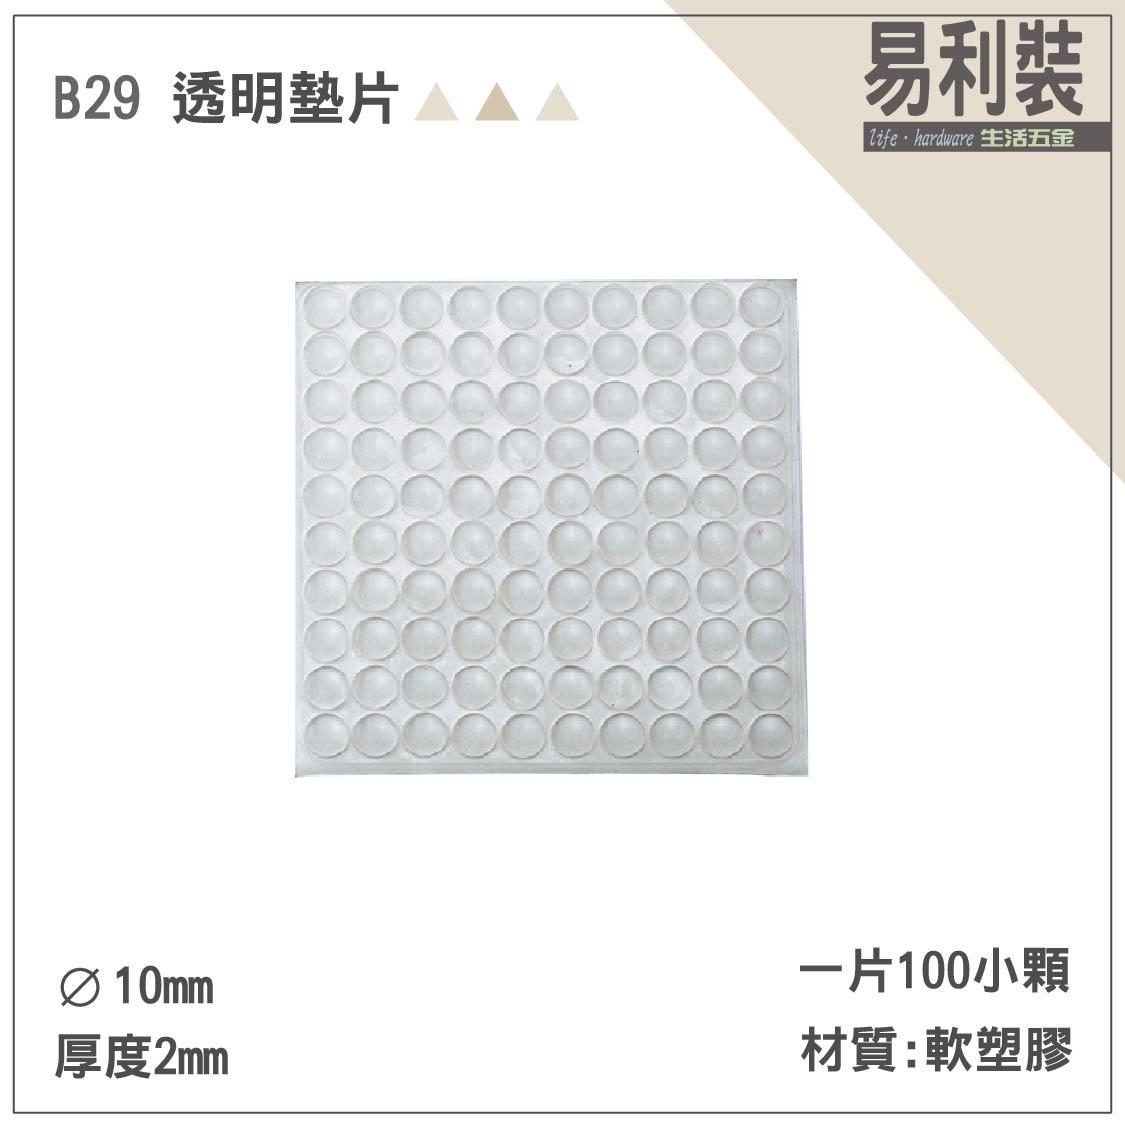 【 EASYCAN  】B29 透明墊片 1片100顆 易利裝生活五金 浴室 廚房 房間 臥房 衣櫃 小資族 辦公家具 系統家具 - 限時優惠好康折扣